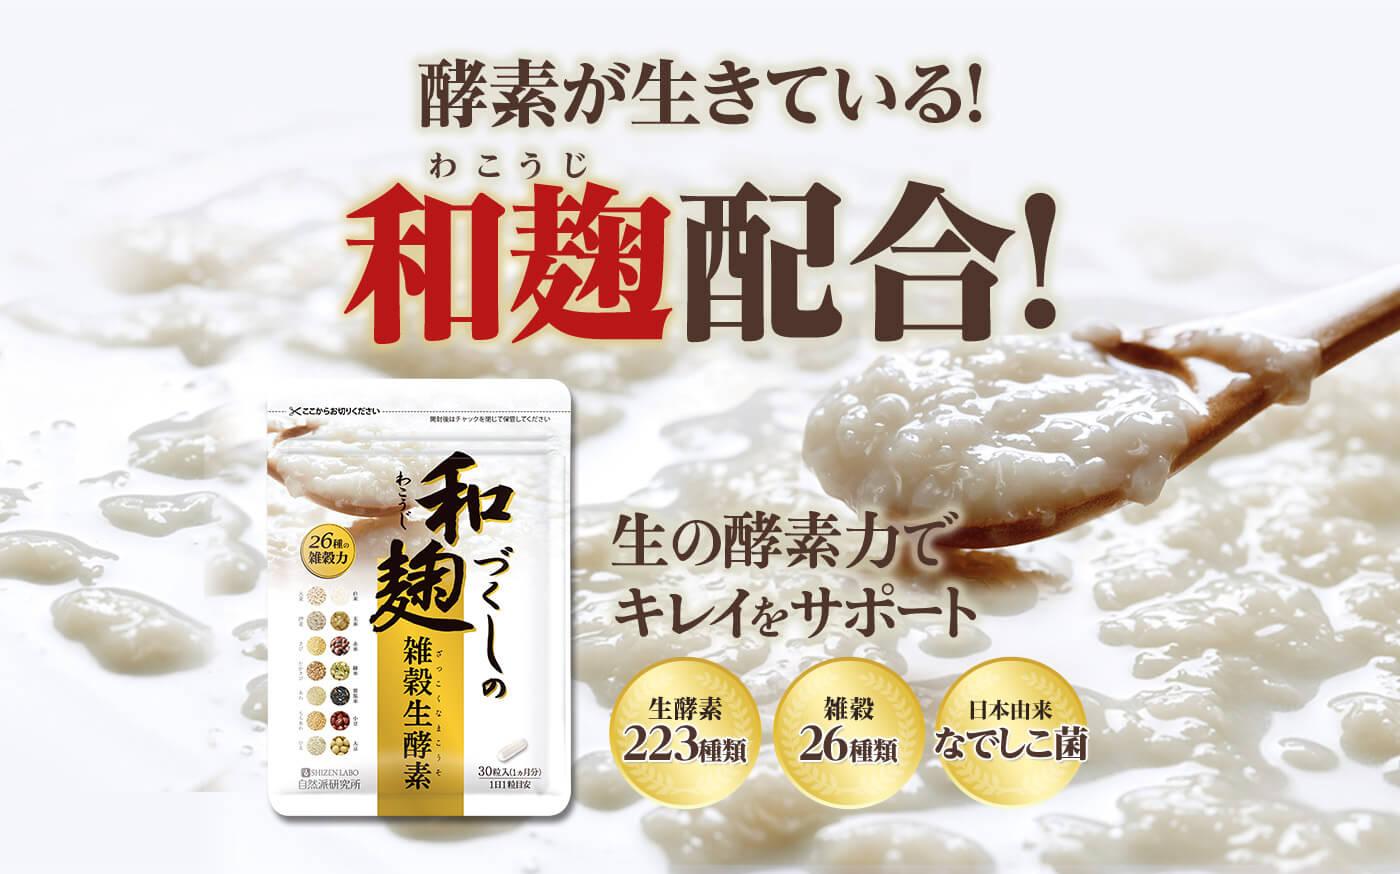 副作用 こうじ 酵素 【こうじ酵素の口コミは効果なし】麹の危険な副作用って本当なの?